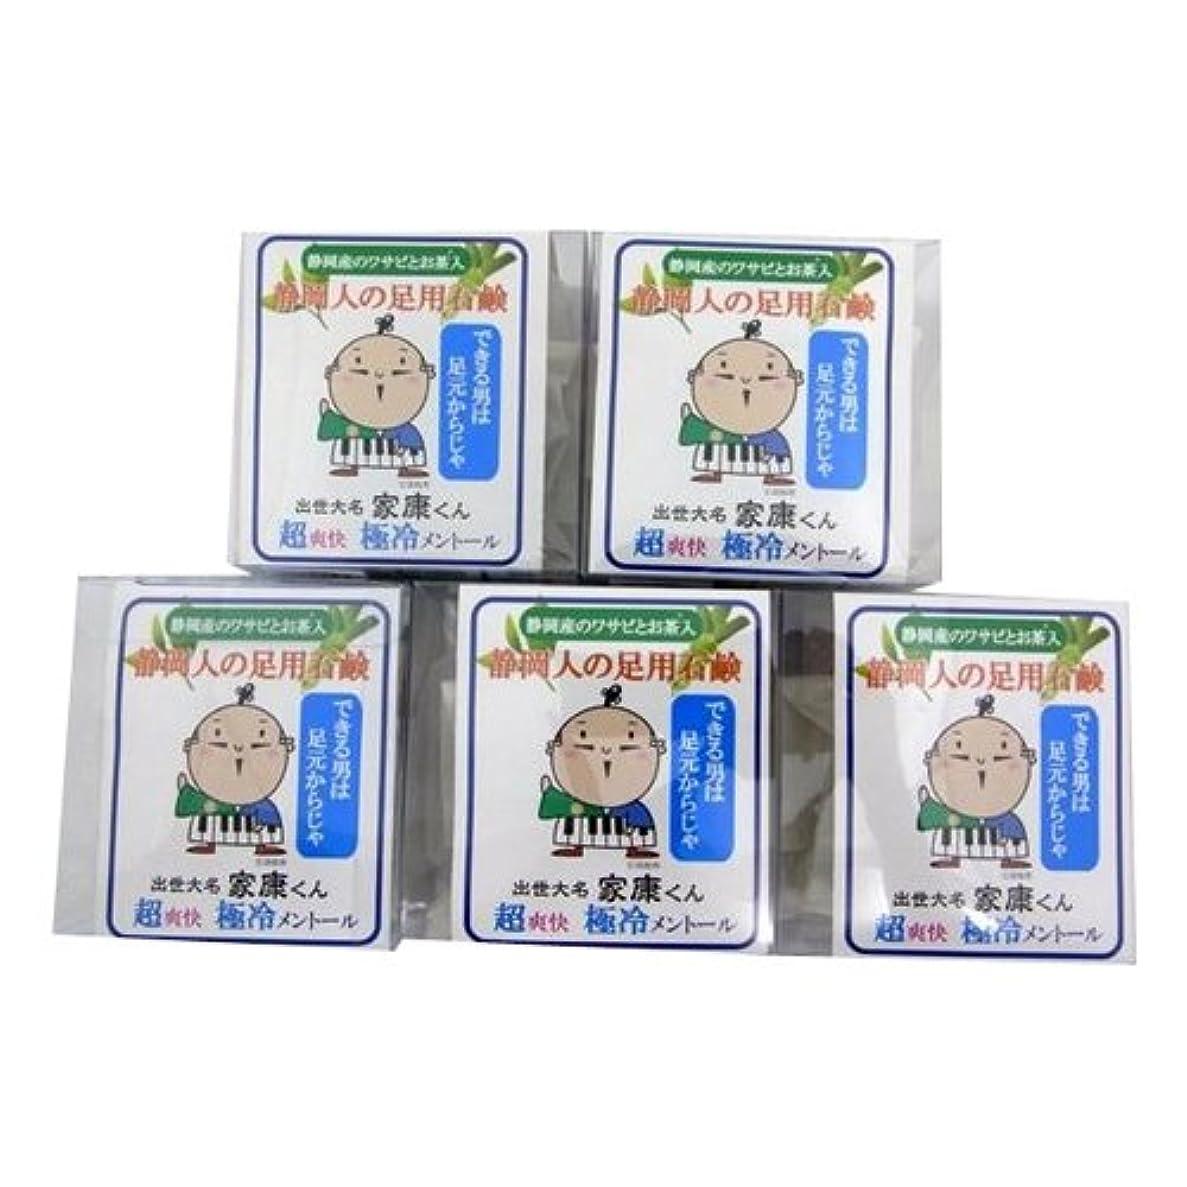 スティーブンソンプロポーショナルカートエコライフラボ 静岡人の足用石鹸60g (ネット付) 5個セット